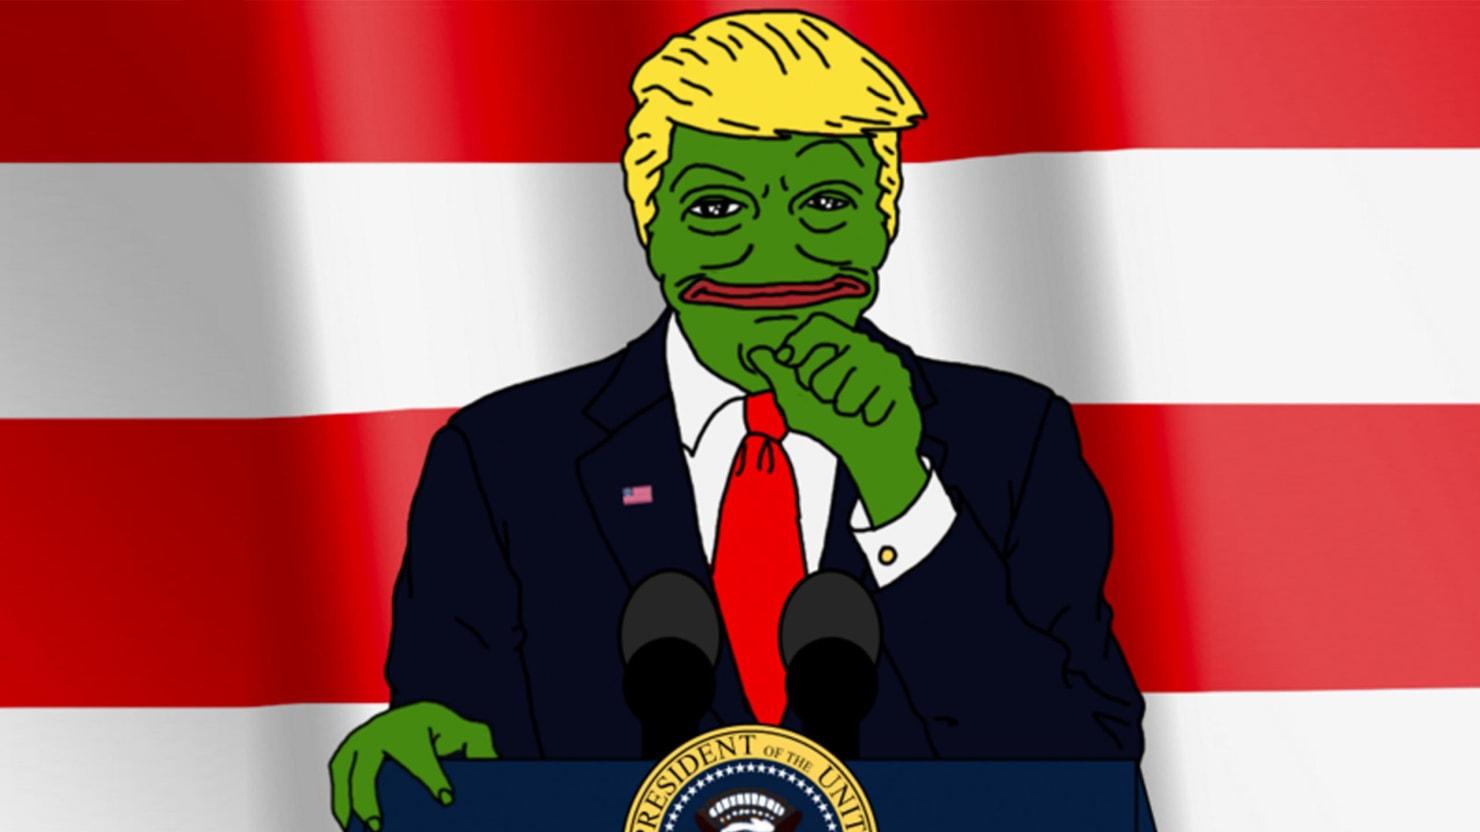 2016's Best Election Memes